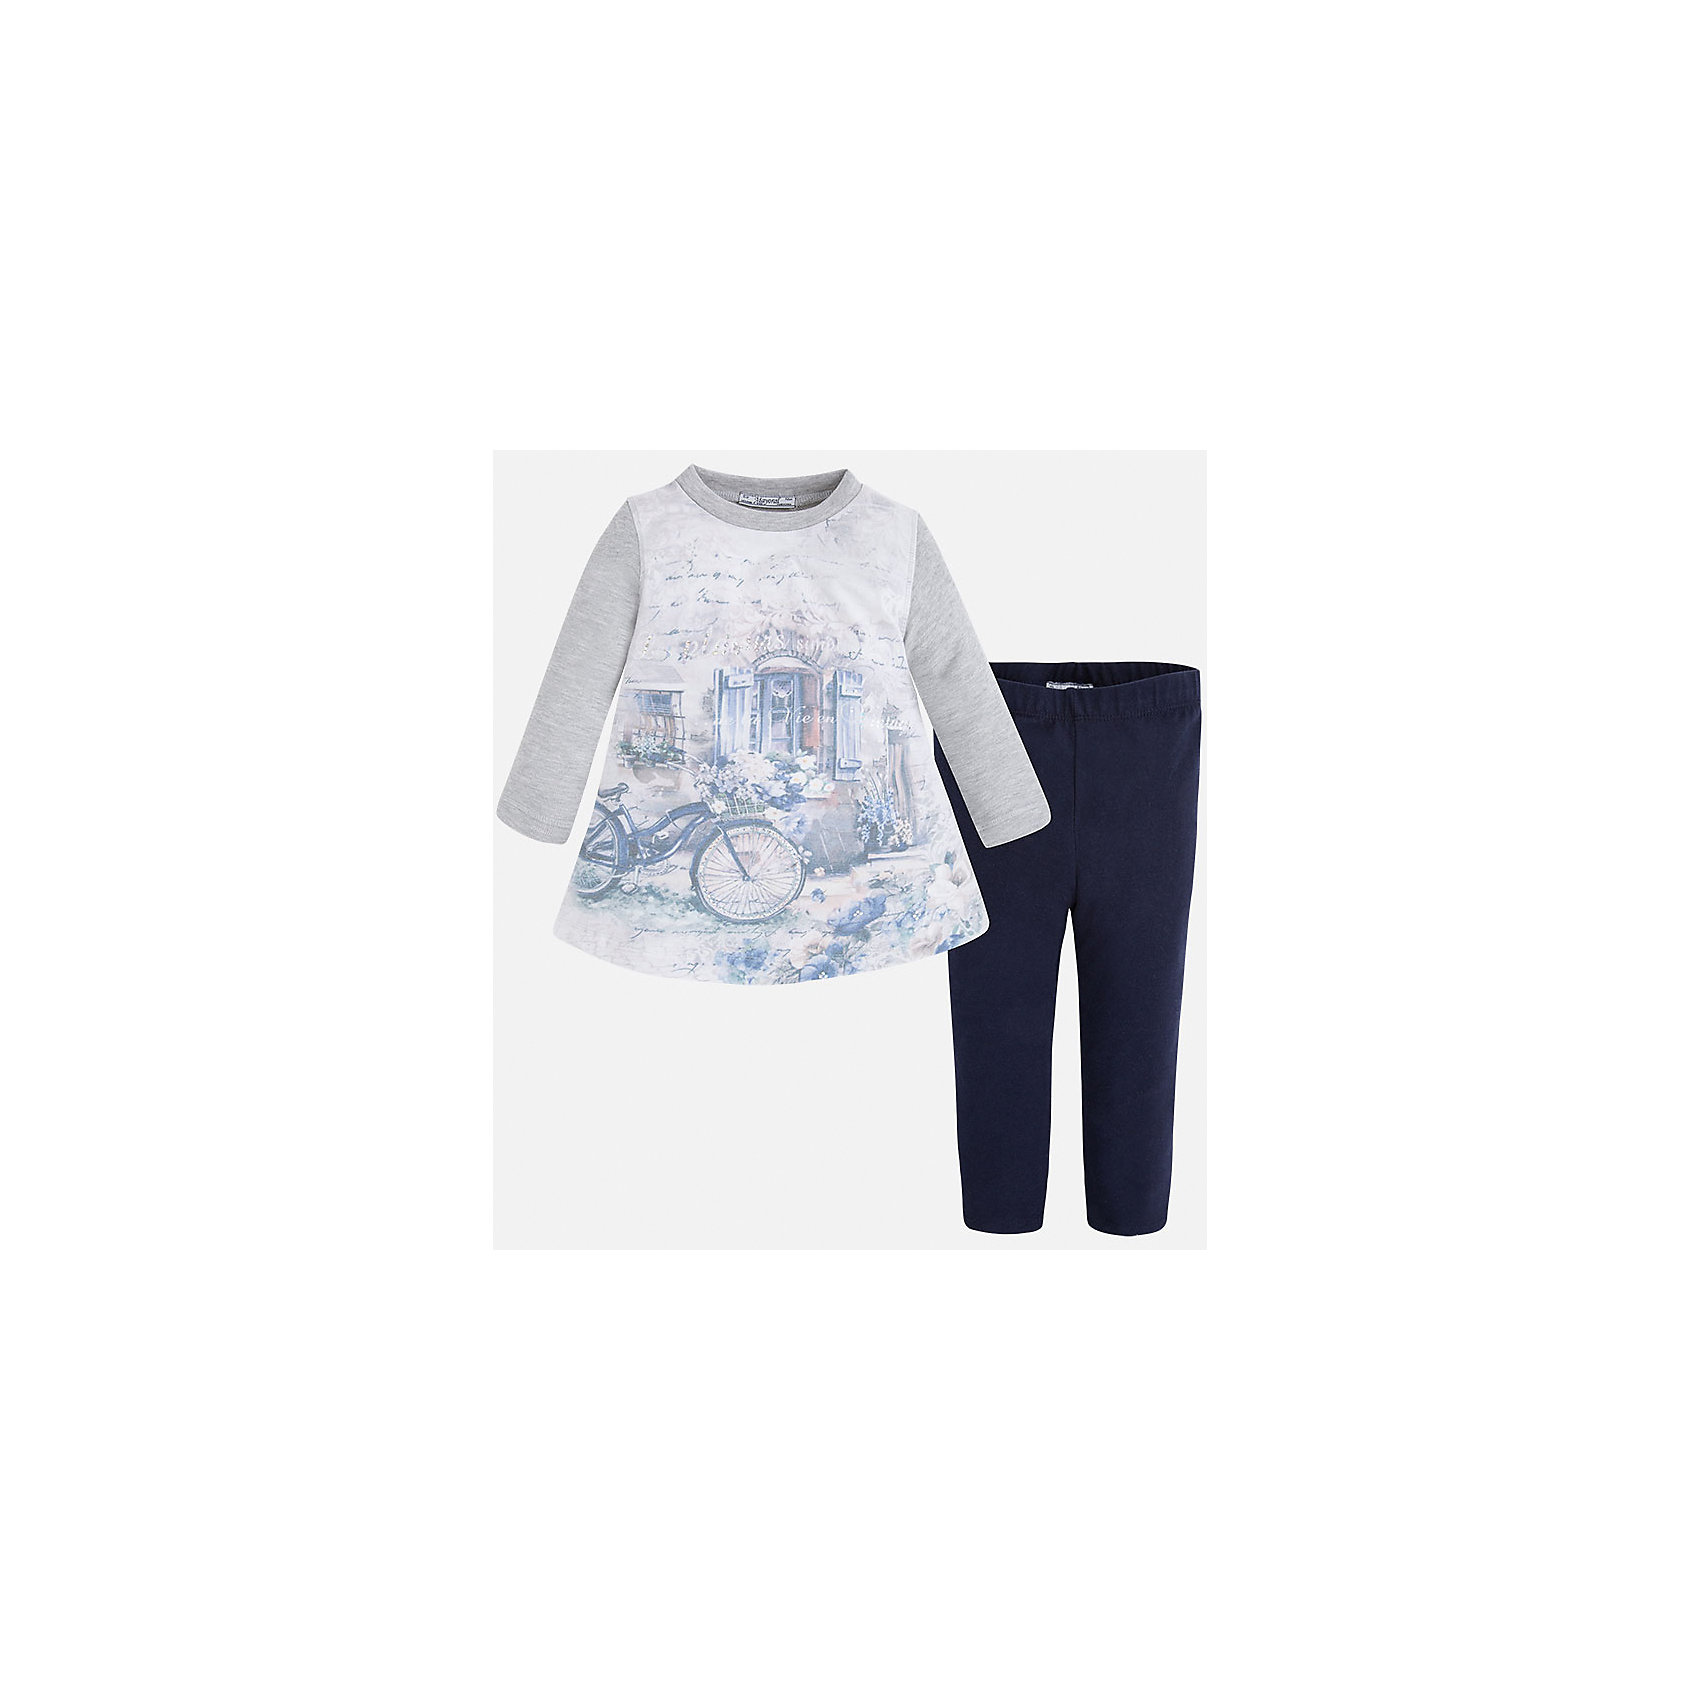 Комплект для девочки MayoralКомплекты<br>Комплект из свитера и леггинсов для девочки от популярного испанского бренда Mayoral(Майорал). Леггинсы имеют удобную резинку на поясе. Свитер с расширенным к низу силуэтом и округлым воротом украшен крупным принтом и стразами спереди. Удобный комплект создан специально для комфорта и стиля девочки!<br><br>Дополнительная информация:<br>Состав. Свитер: 49% хлопок, 38% полиэстер, 10% металлическое волокно, 3% эластан. Леггинсы: 95% хлопок, 5% эластан<br>Цвет: темно-синий/серый<br>Леггинсы и свитер Mayoral(майорал) можно приобрести в нашем интернет-магазине.<br><br>Ширина мм: 123<br>Глубина мм: 10<br>Высота мм: 149<br>Вес г: 209<br>Цвет: синий<br>Возраст от месяцев: 24<br>Возраст до месяцев: 36<br>Пол: Женский<br>Возраст: Детский<br>Размер: 98,122,110,116,104,128,134,92<br>SKU: 4843987